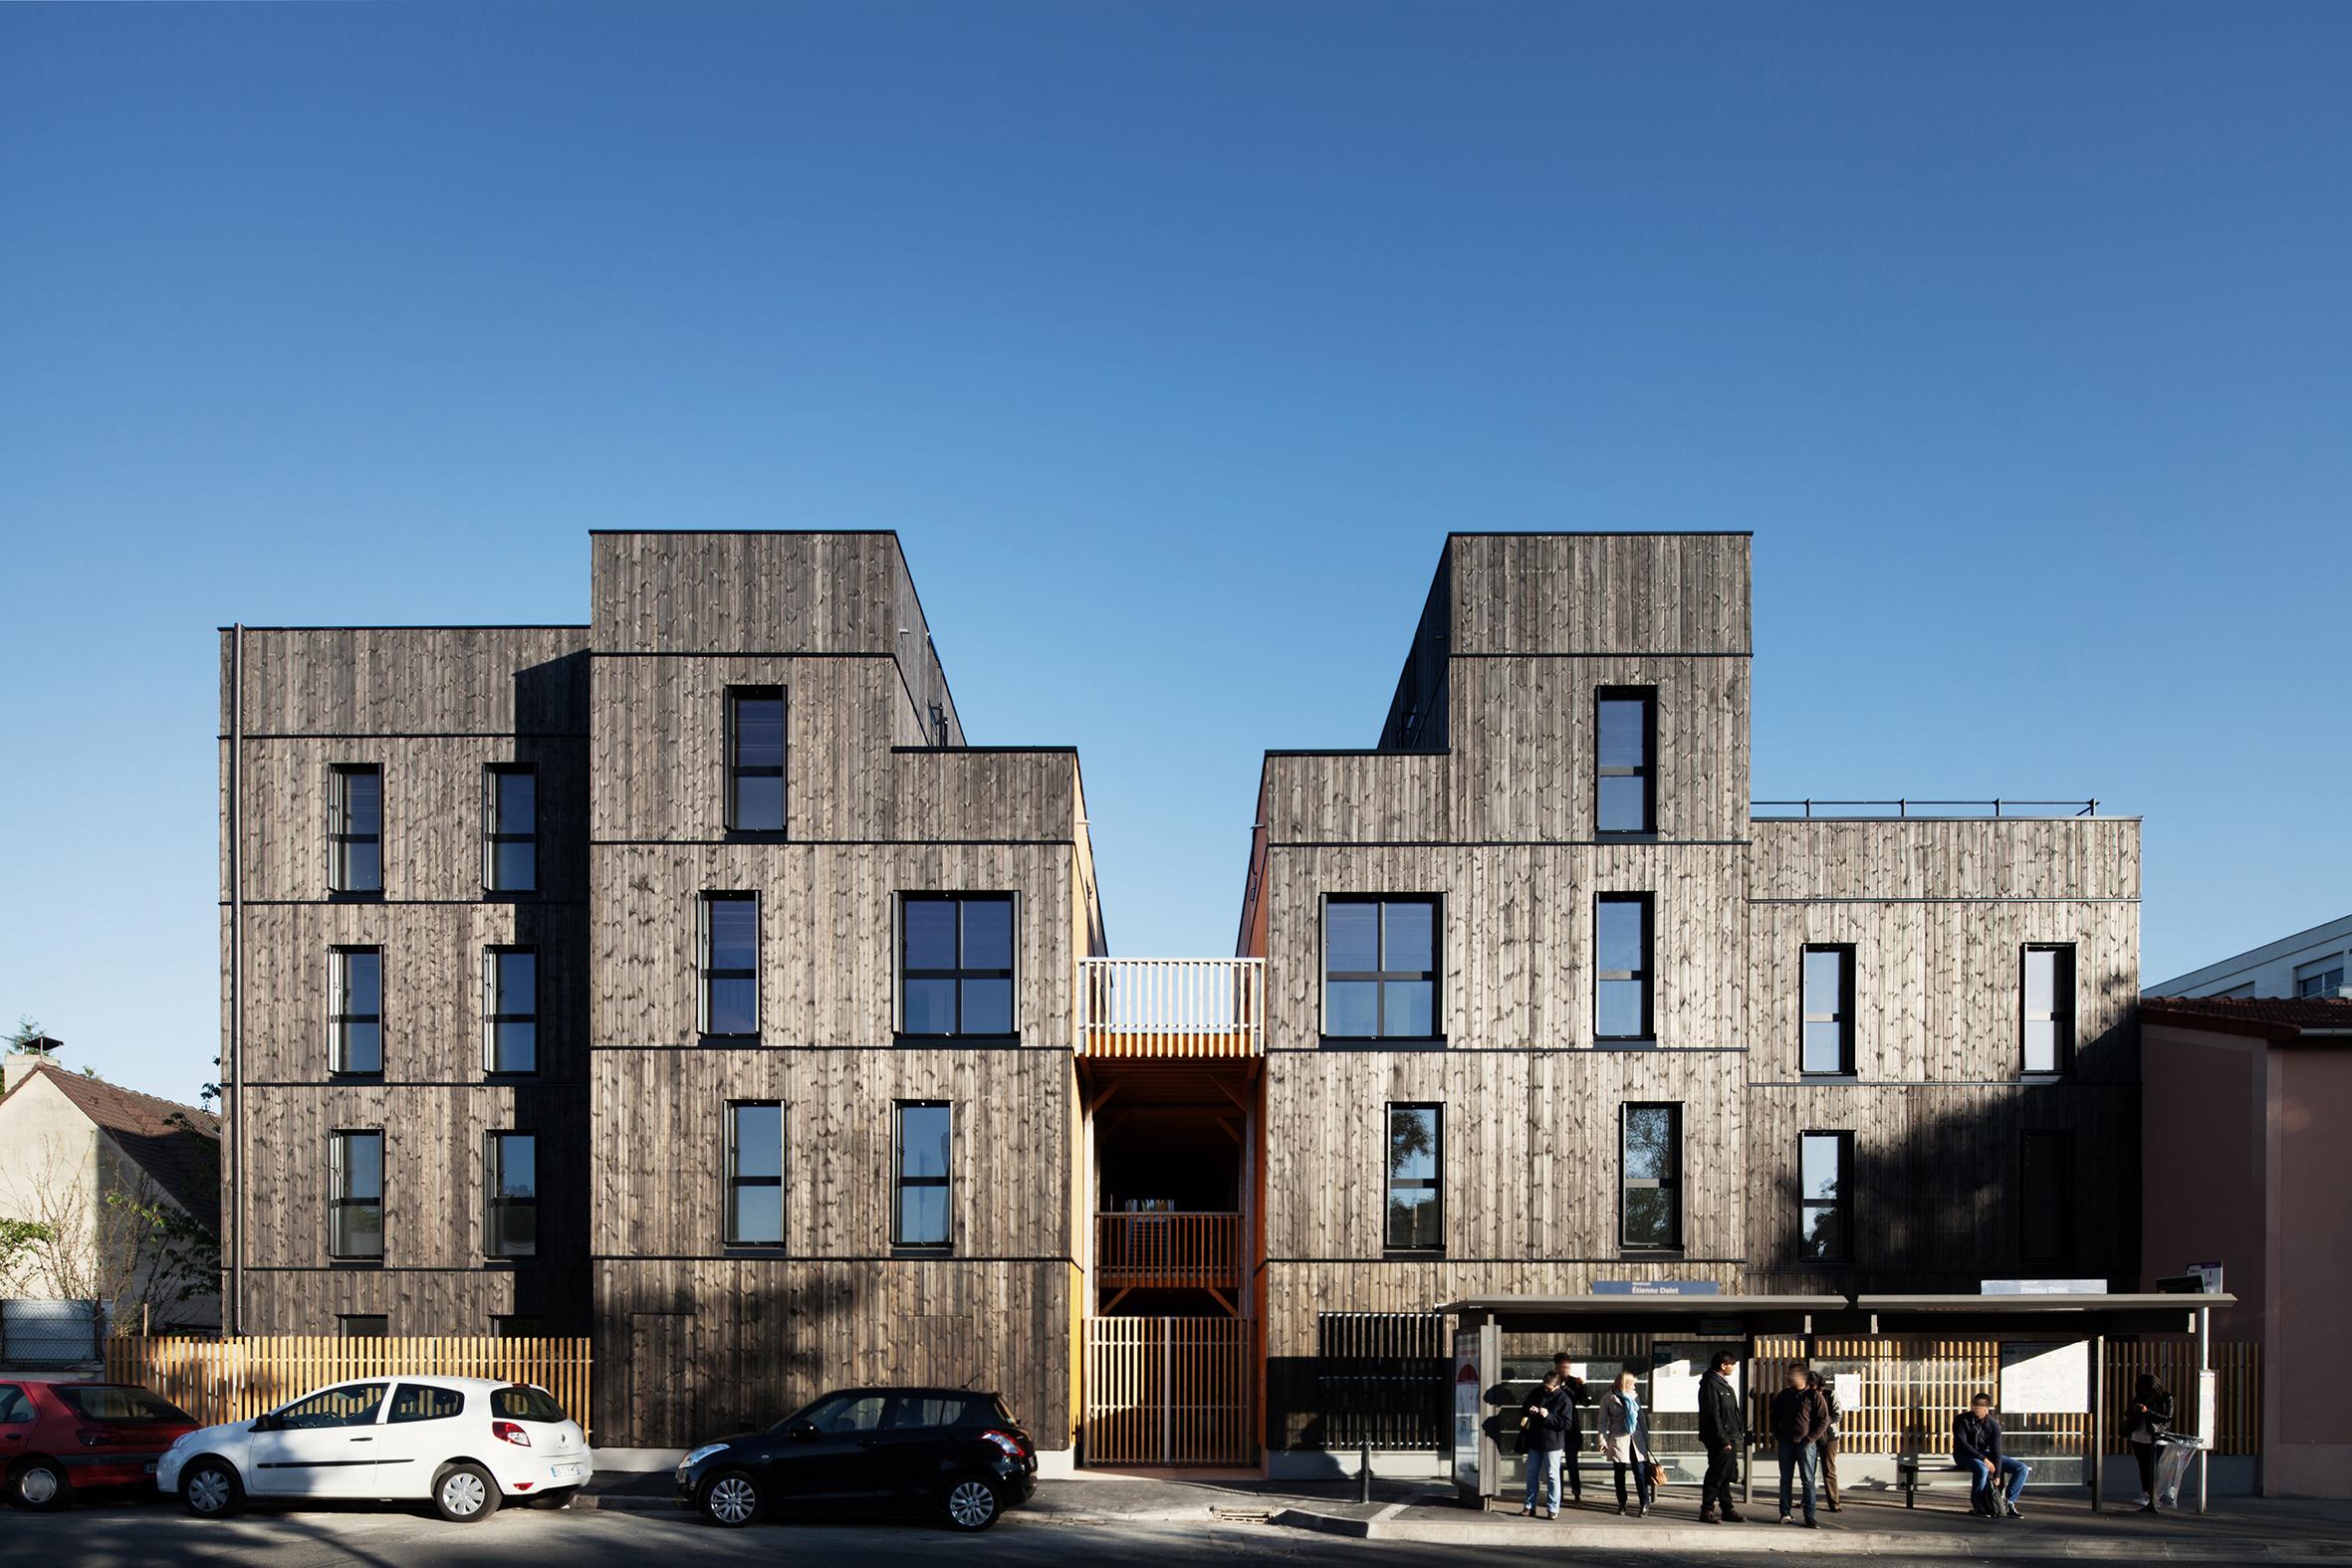 Logements r 2 rue etienne dolet montreuil 93 cbs cbt for R architecture tours